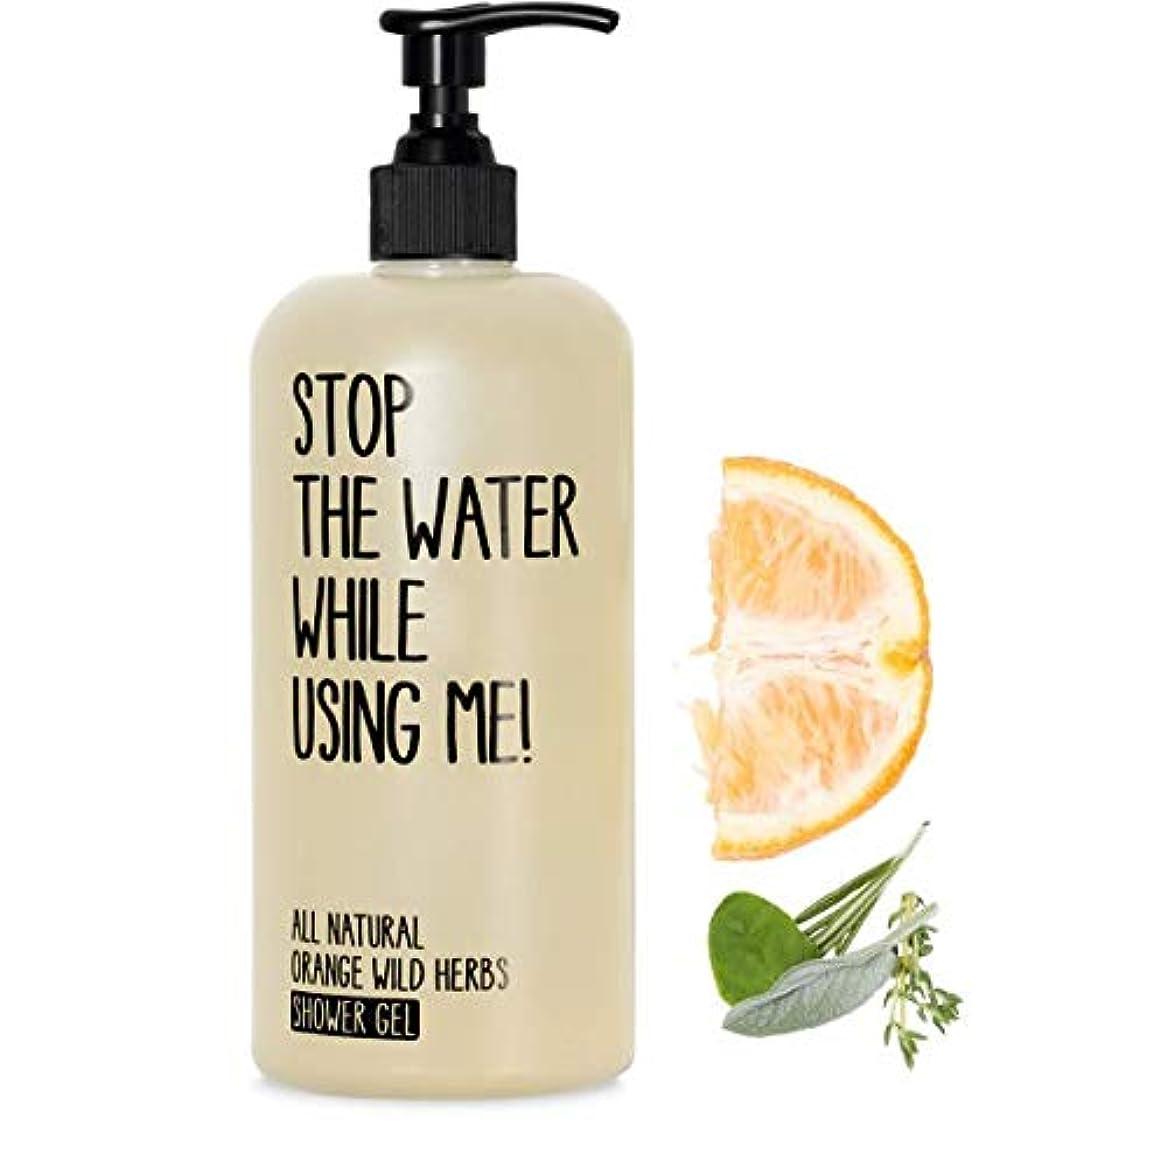 もう一度エーカー冷酷な【STOP THE WATER WHILE USING ME!】 O&WHシャワージェル(オレンジ&ワイルドハーブ) 200ml